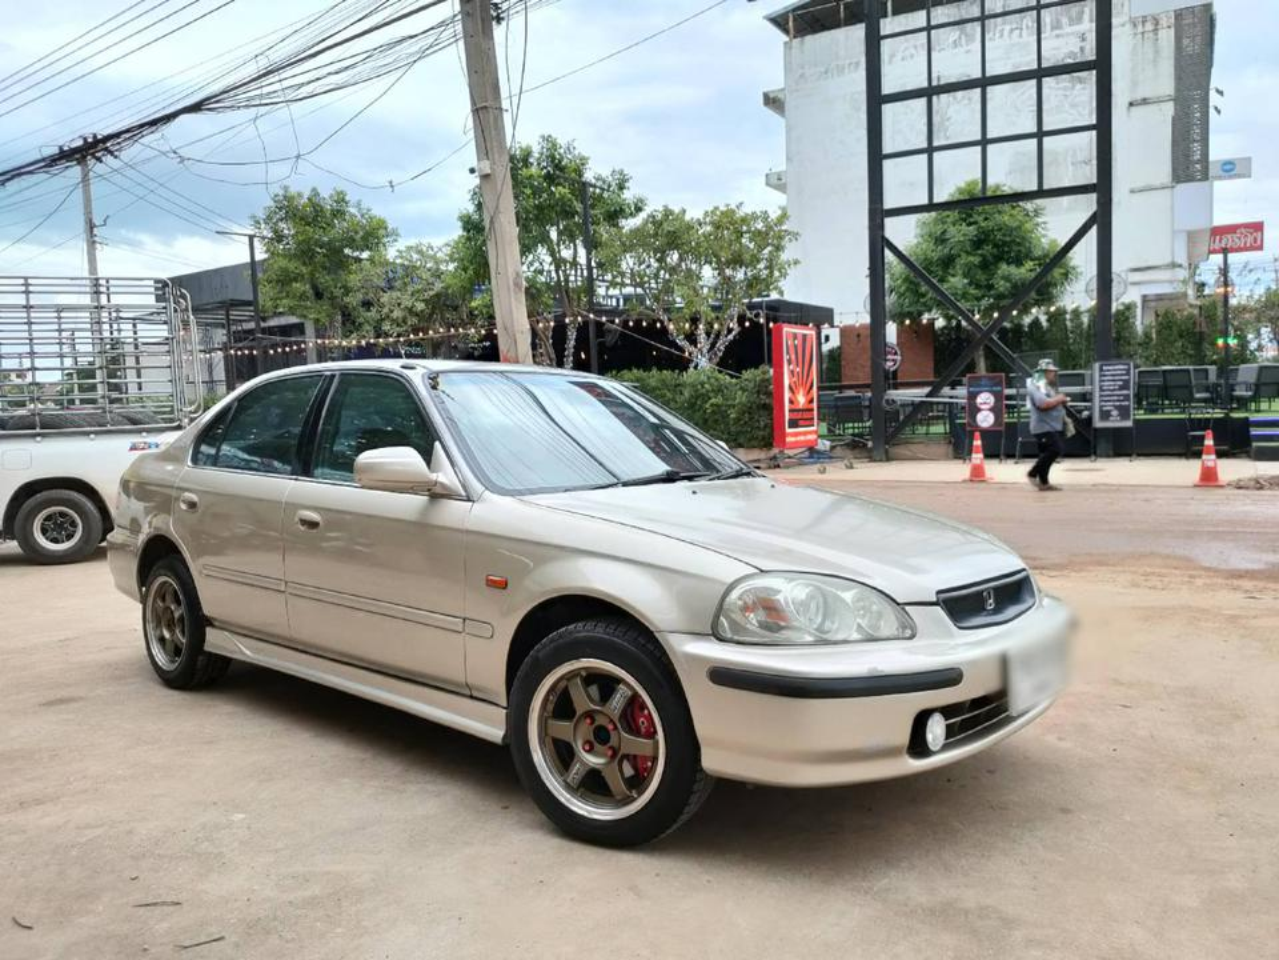 ขายรถเก๋ง Honda civic ตาโตปี 96  จ.พิษณุโลก รูปที่ 2